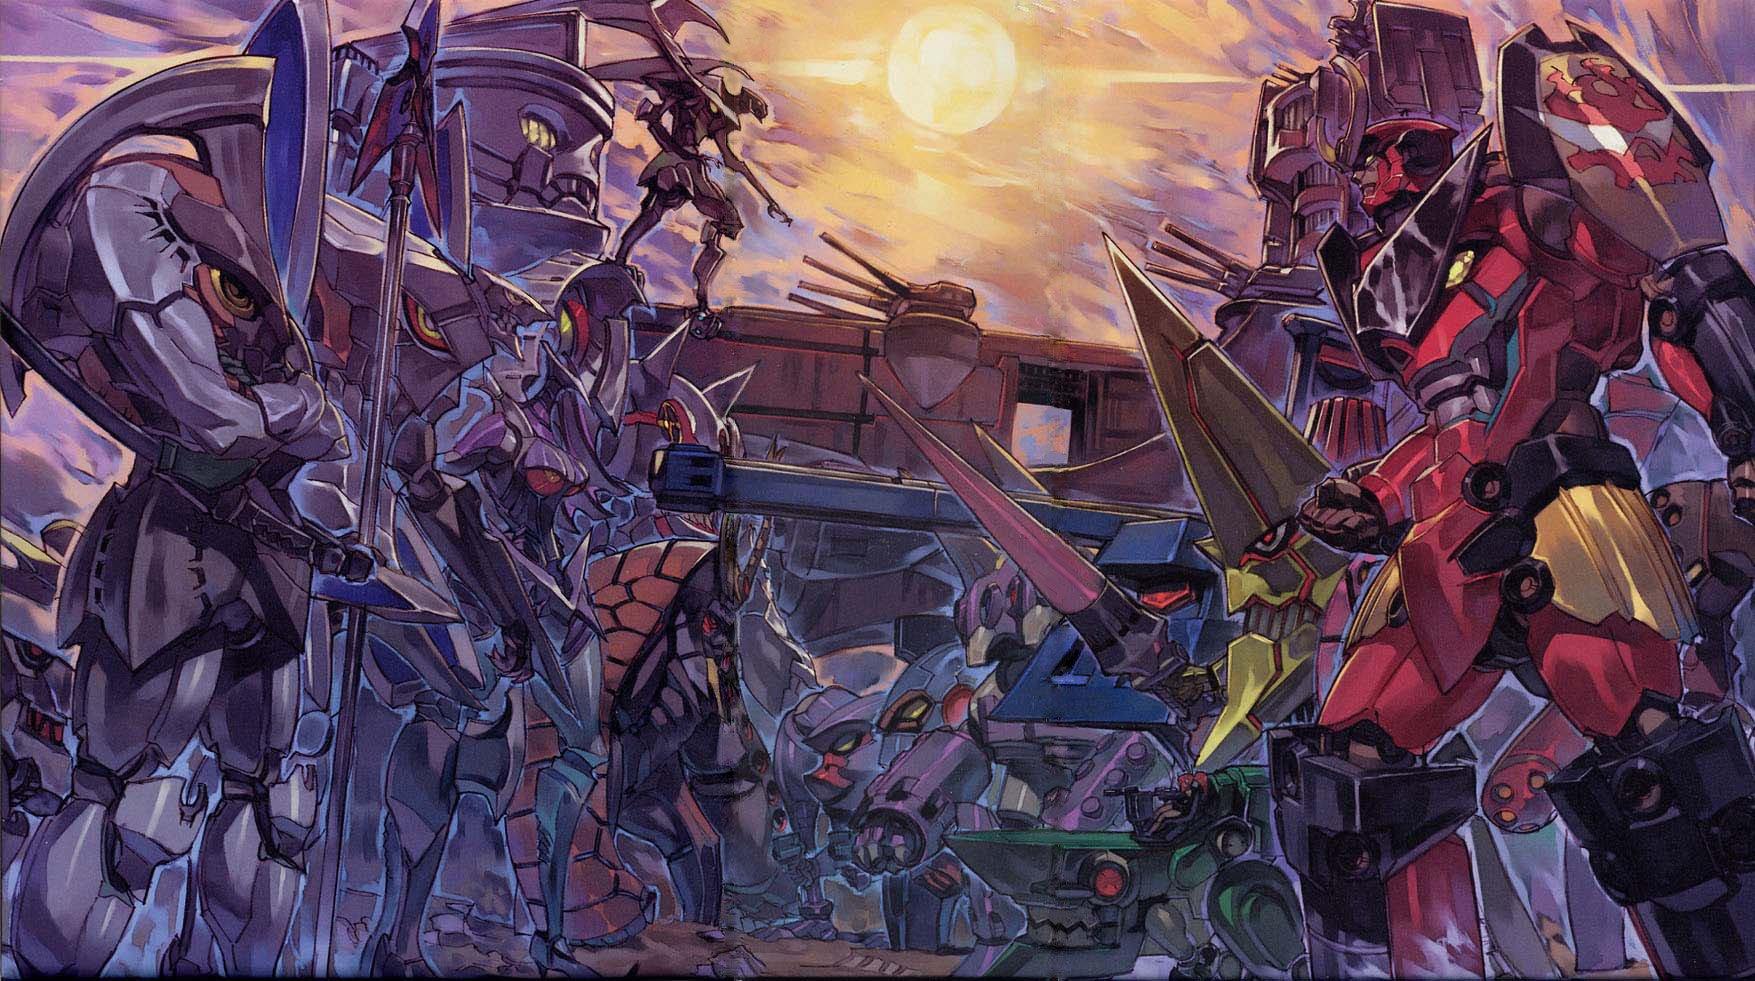 513 Tengen Toppa Gurren Lagann HD Wallpapers Background Images 1755x981